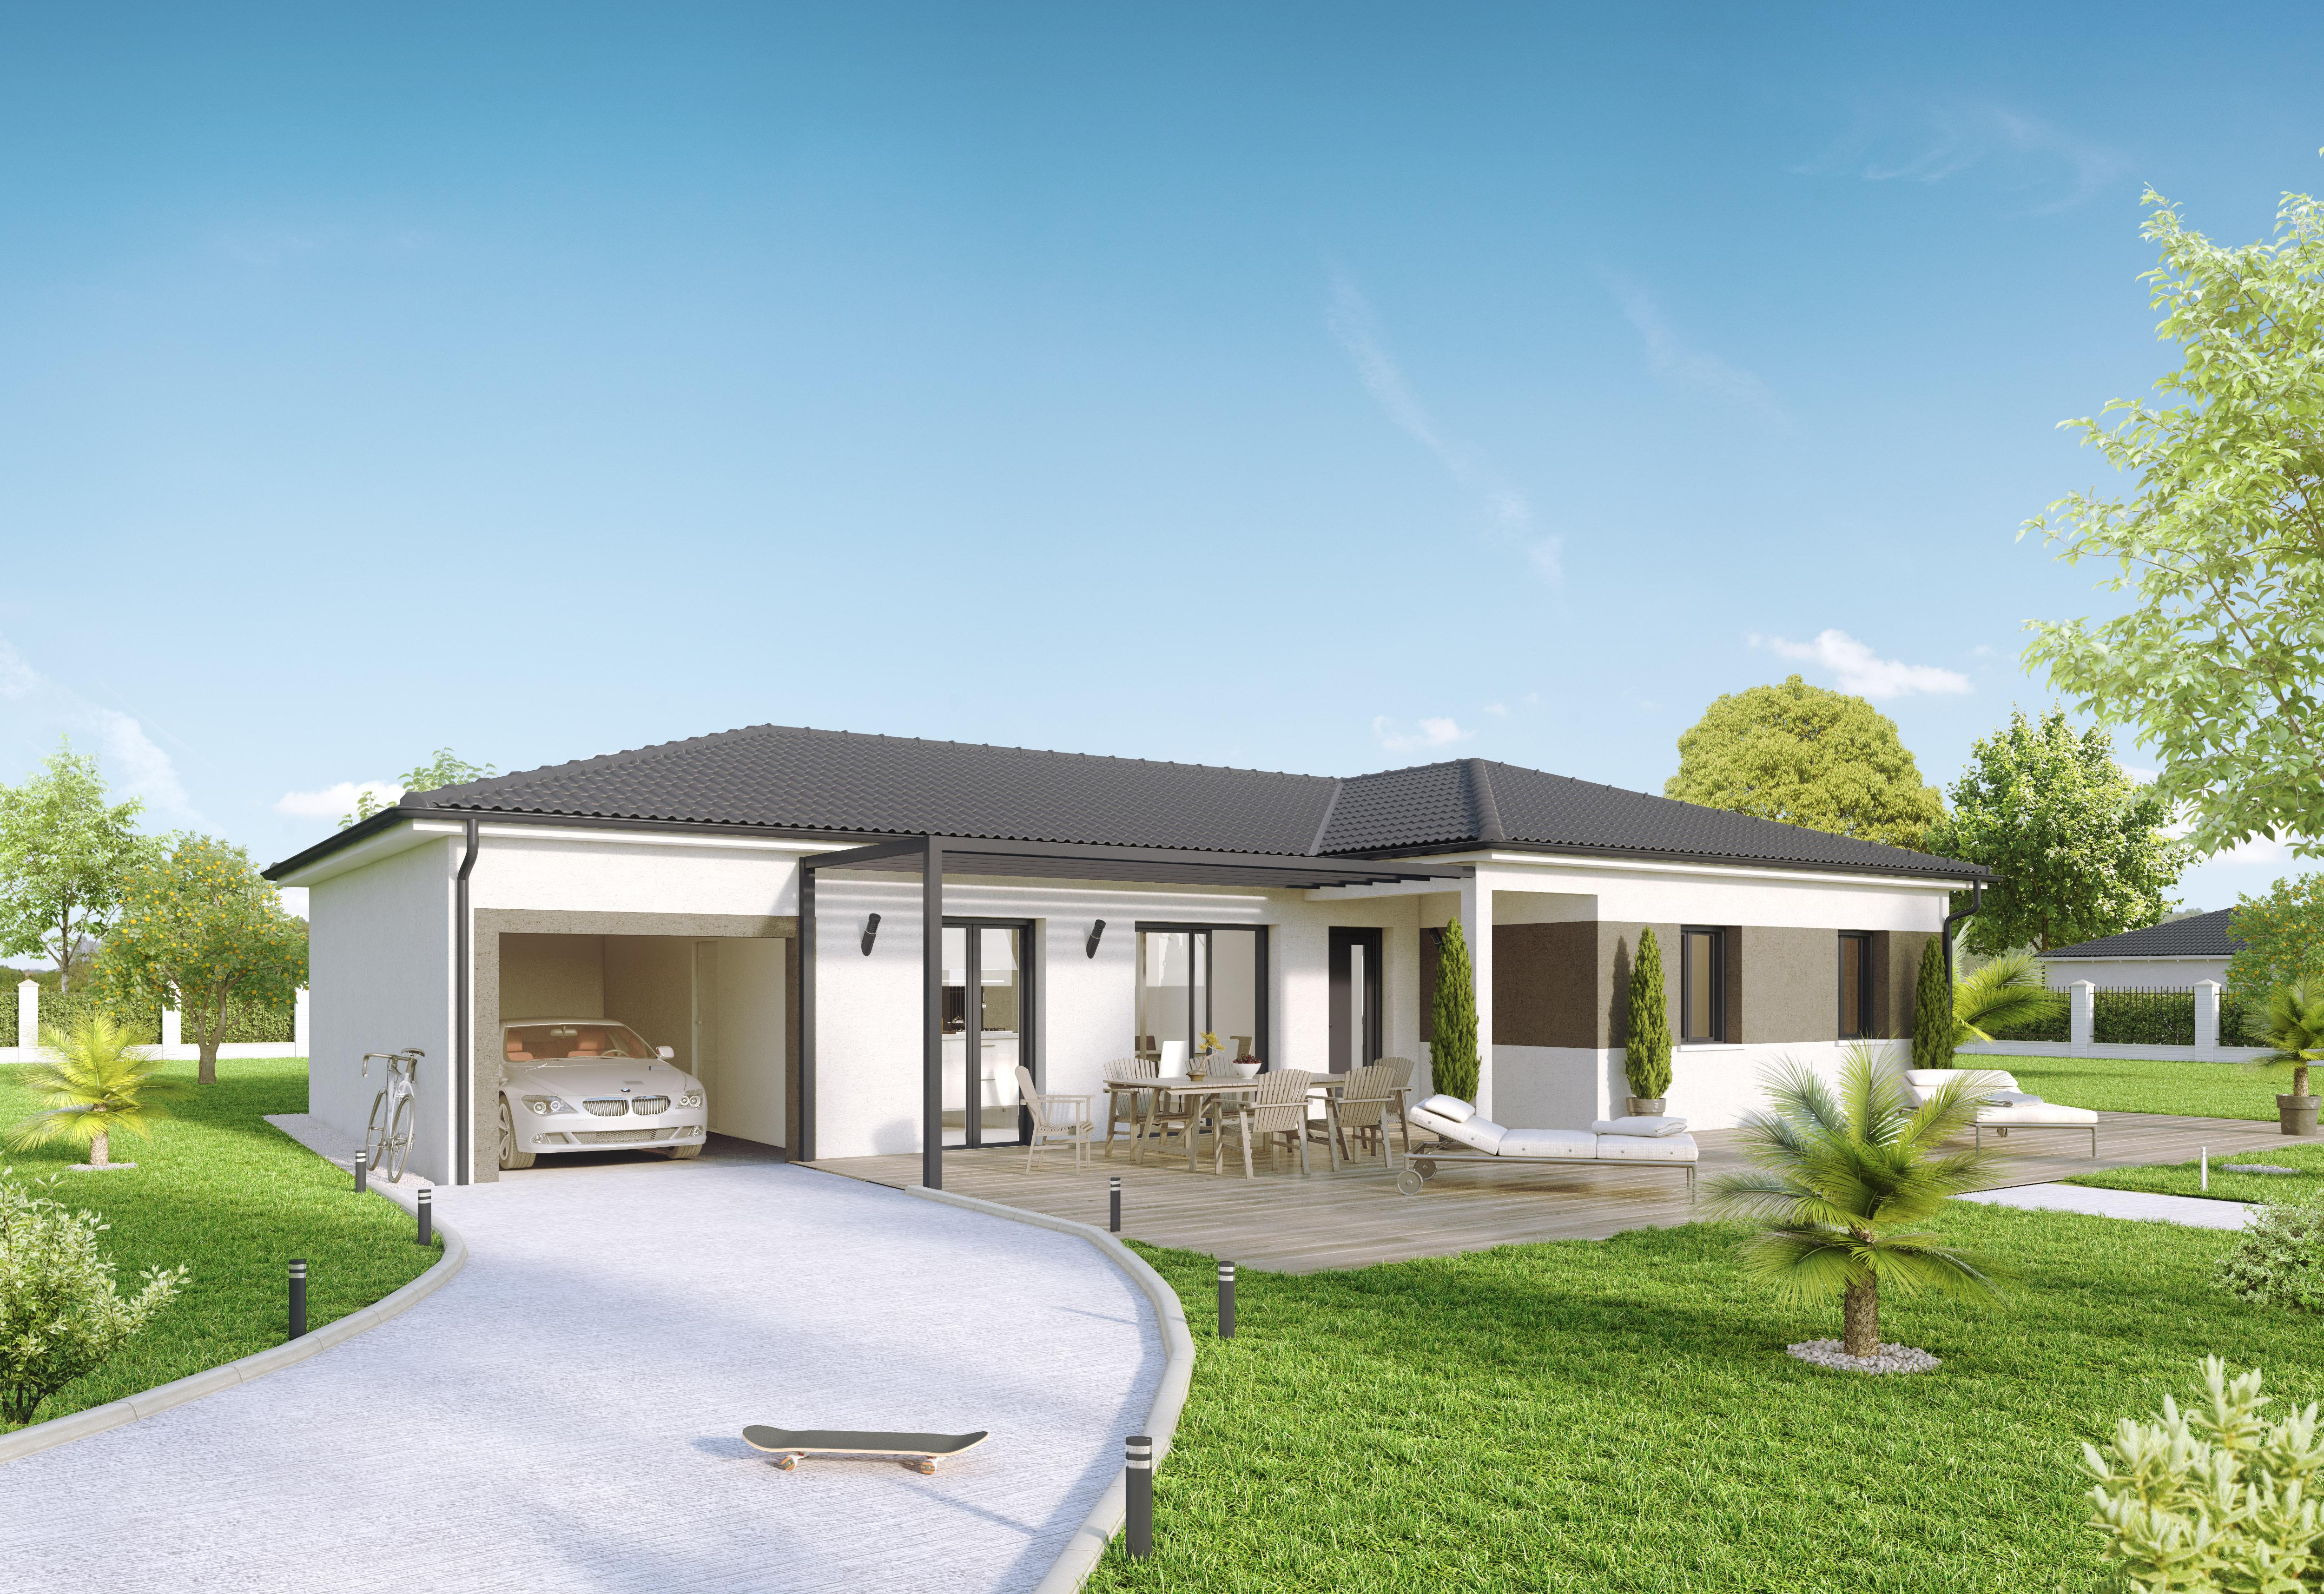 construction d 39 une maison en l charlieu cr a concept roanne. Black Bedroom Furniture Sets. Home Design Ideas